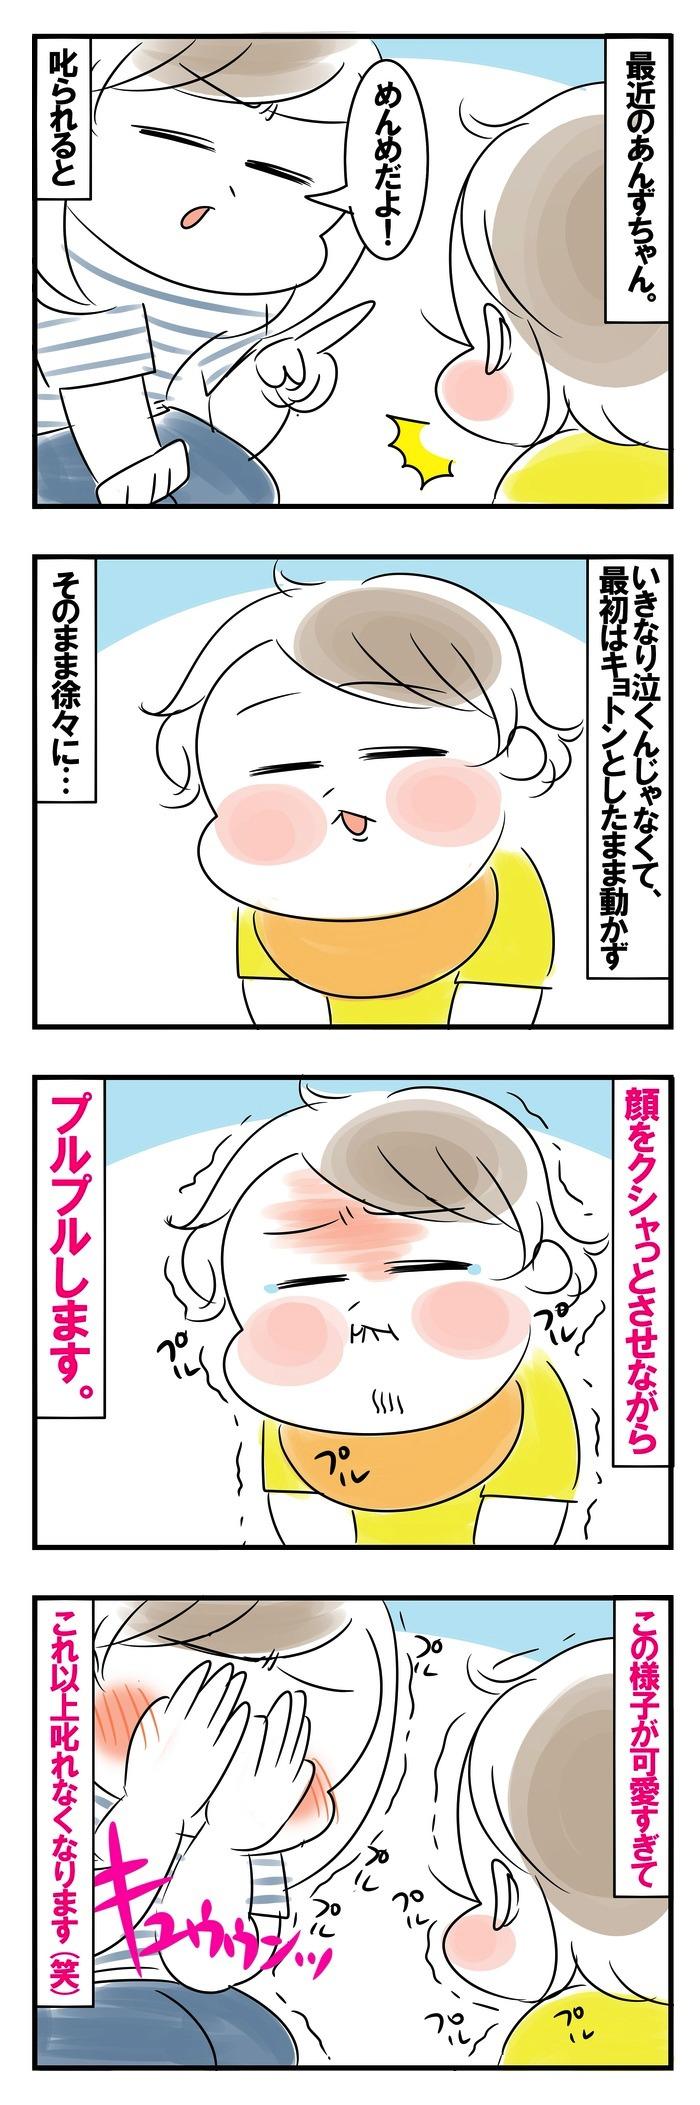 ちょ…!それじゃ「めんめ」できない…!11ヶ月娘のリアクションがズルすぎる♡の画像1